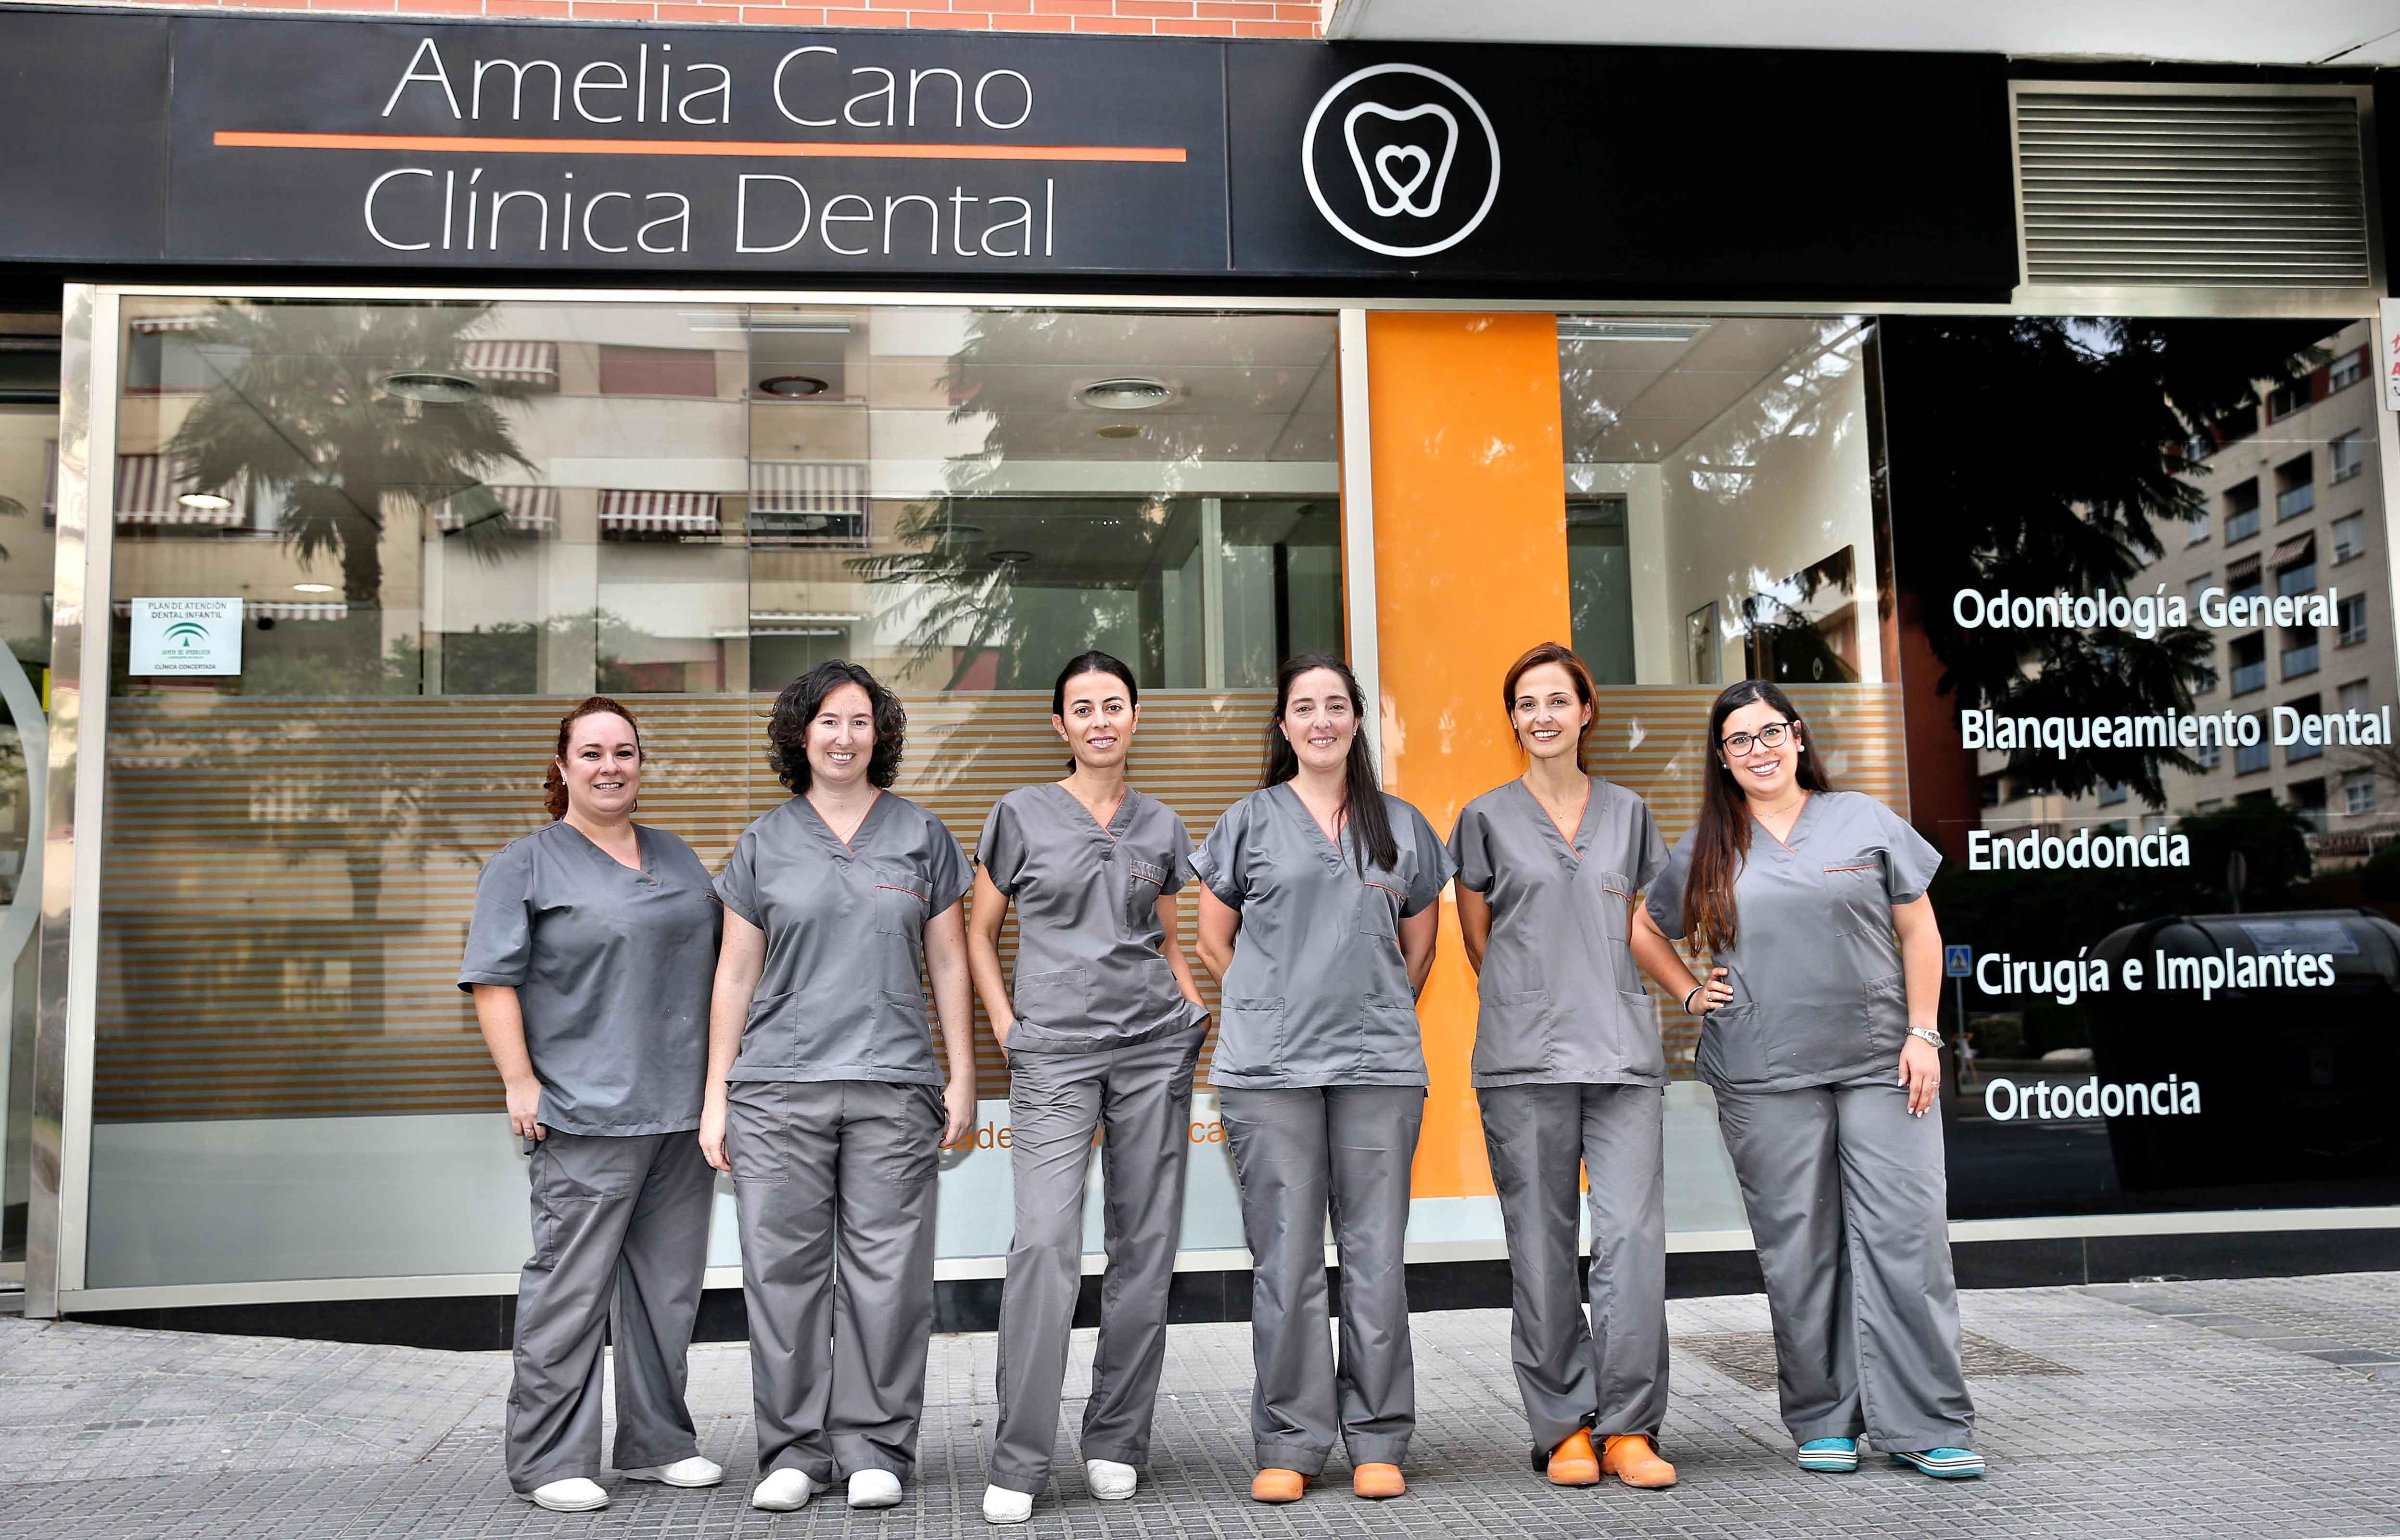 inicio-clínica-dental-amelia-cano-malaga-equipo